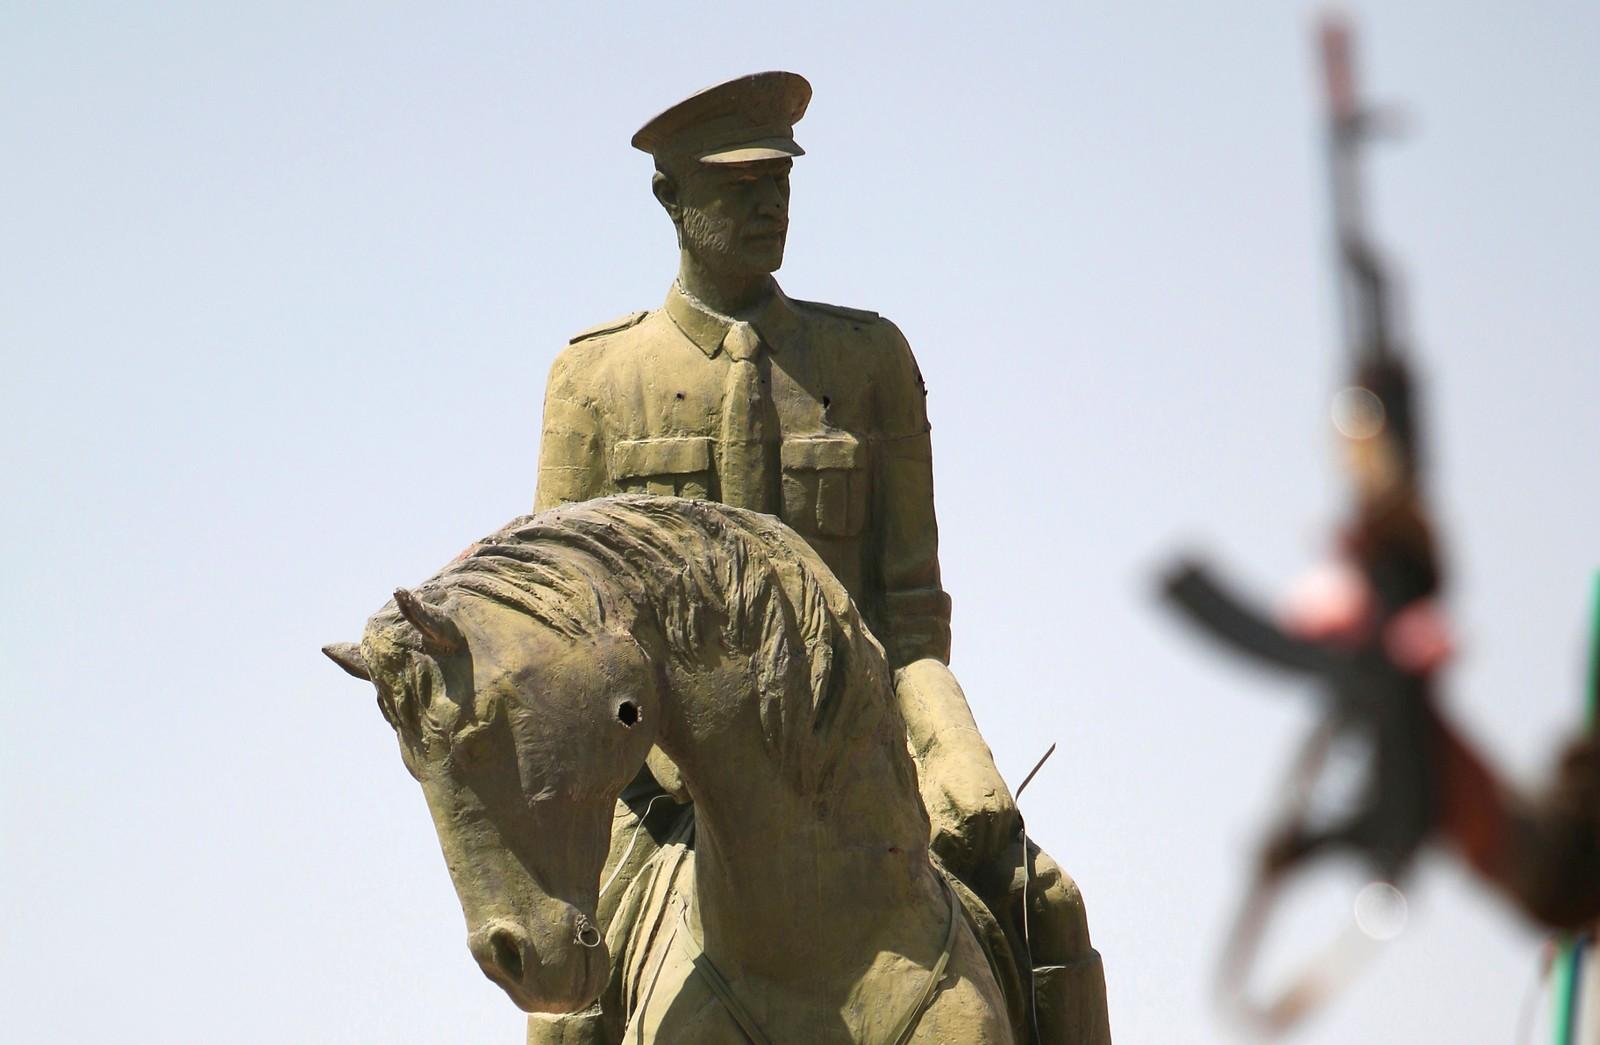 En kurdisk soldat bærer våpenet sitt ved en statue av Bassel al-Assad, broren til den syriske presidenten Bashar al-Assad. Bildet er tatt i Al-Hasakh i Syria den 23. august. Bassel al-Assad døde i en trafikkulykke i 1994.